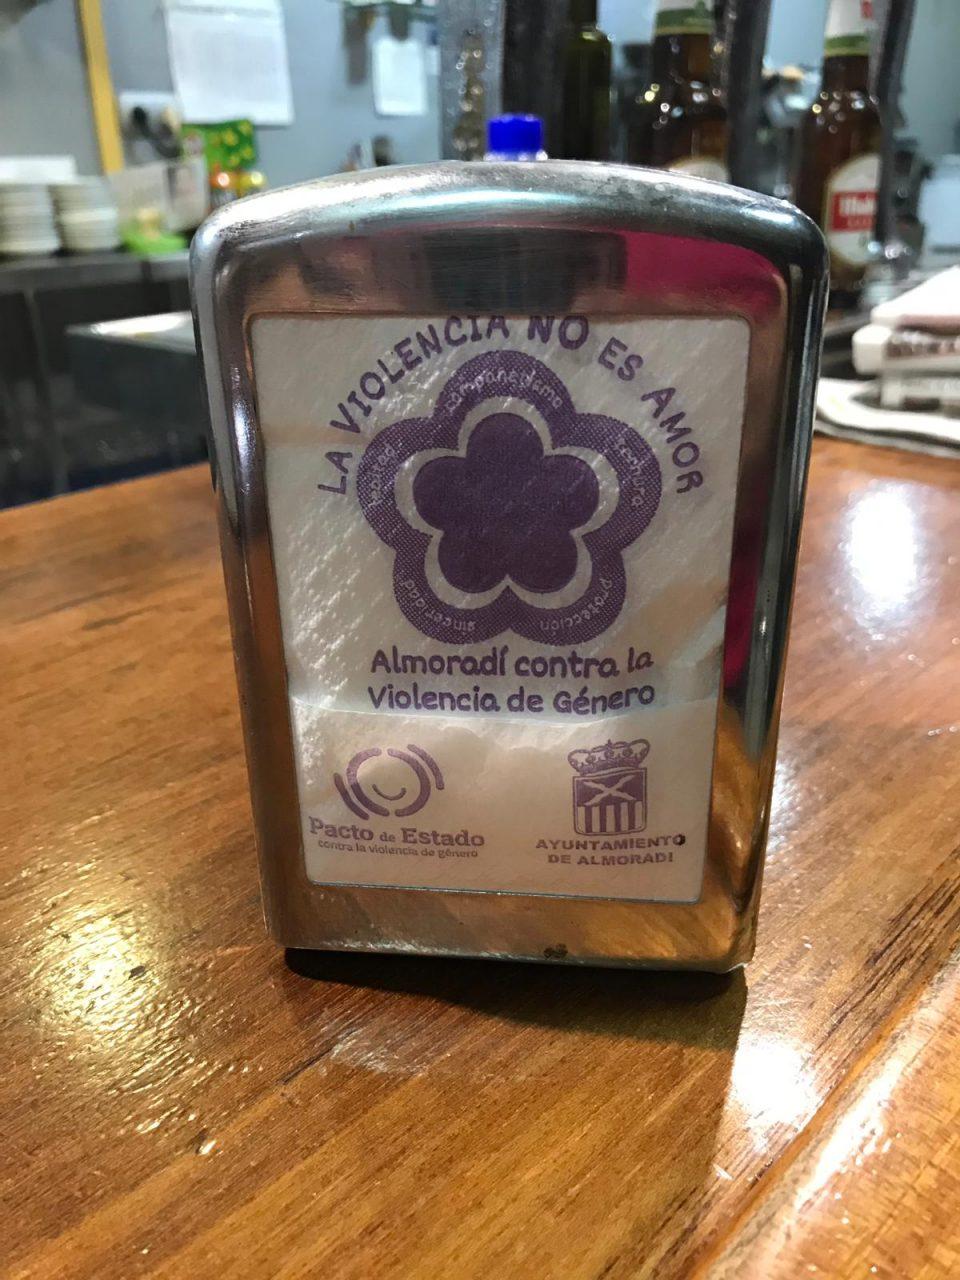 Almoradí lanza una campaña contra la violencia de género en los bares y restaurantes 6